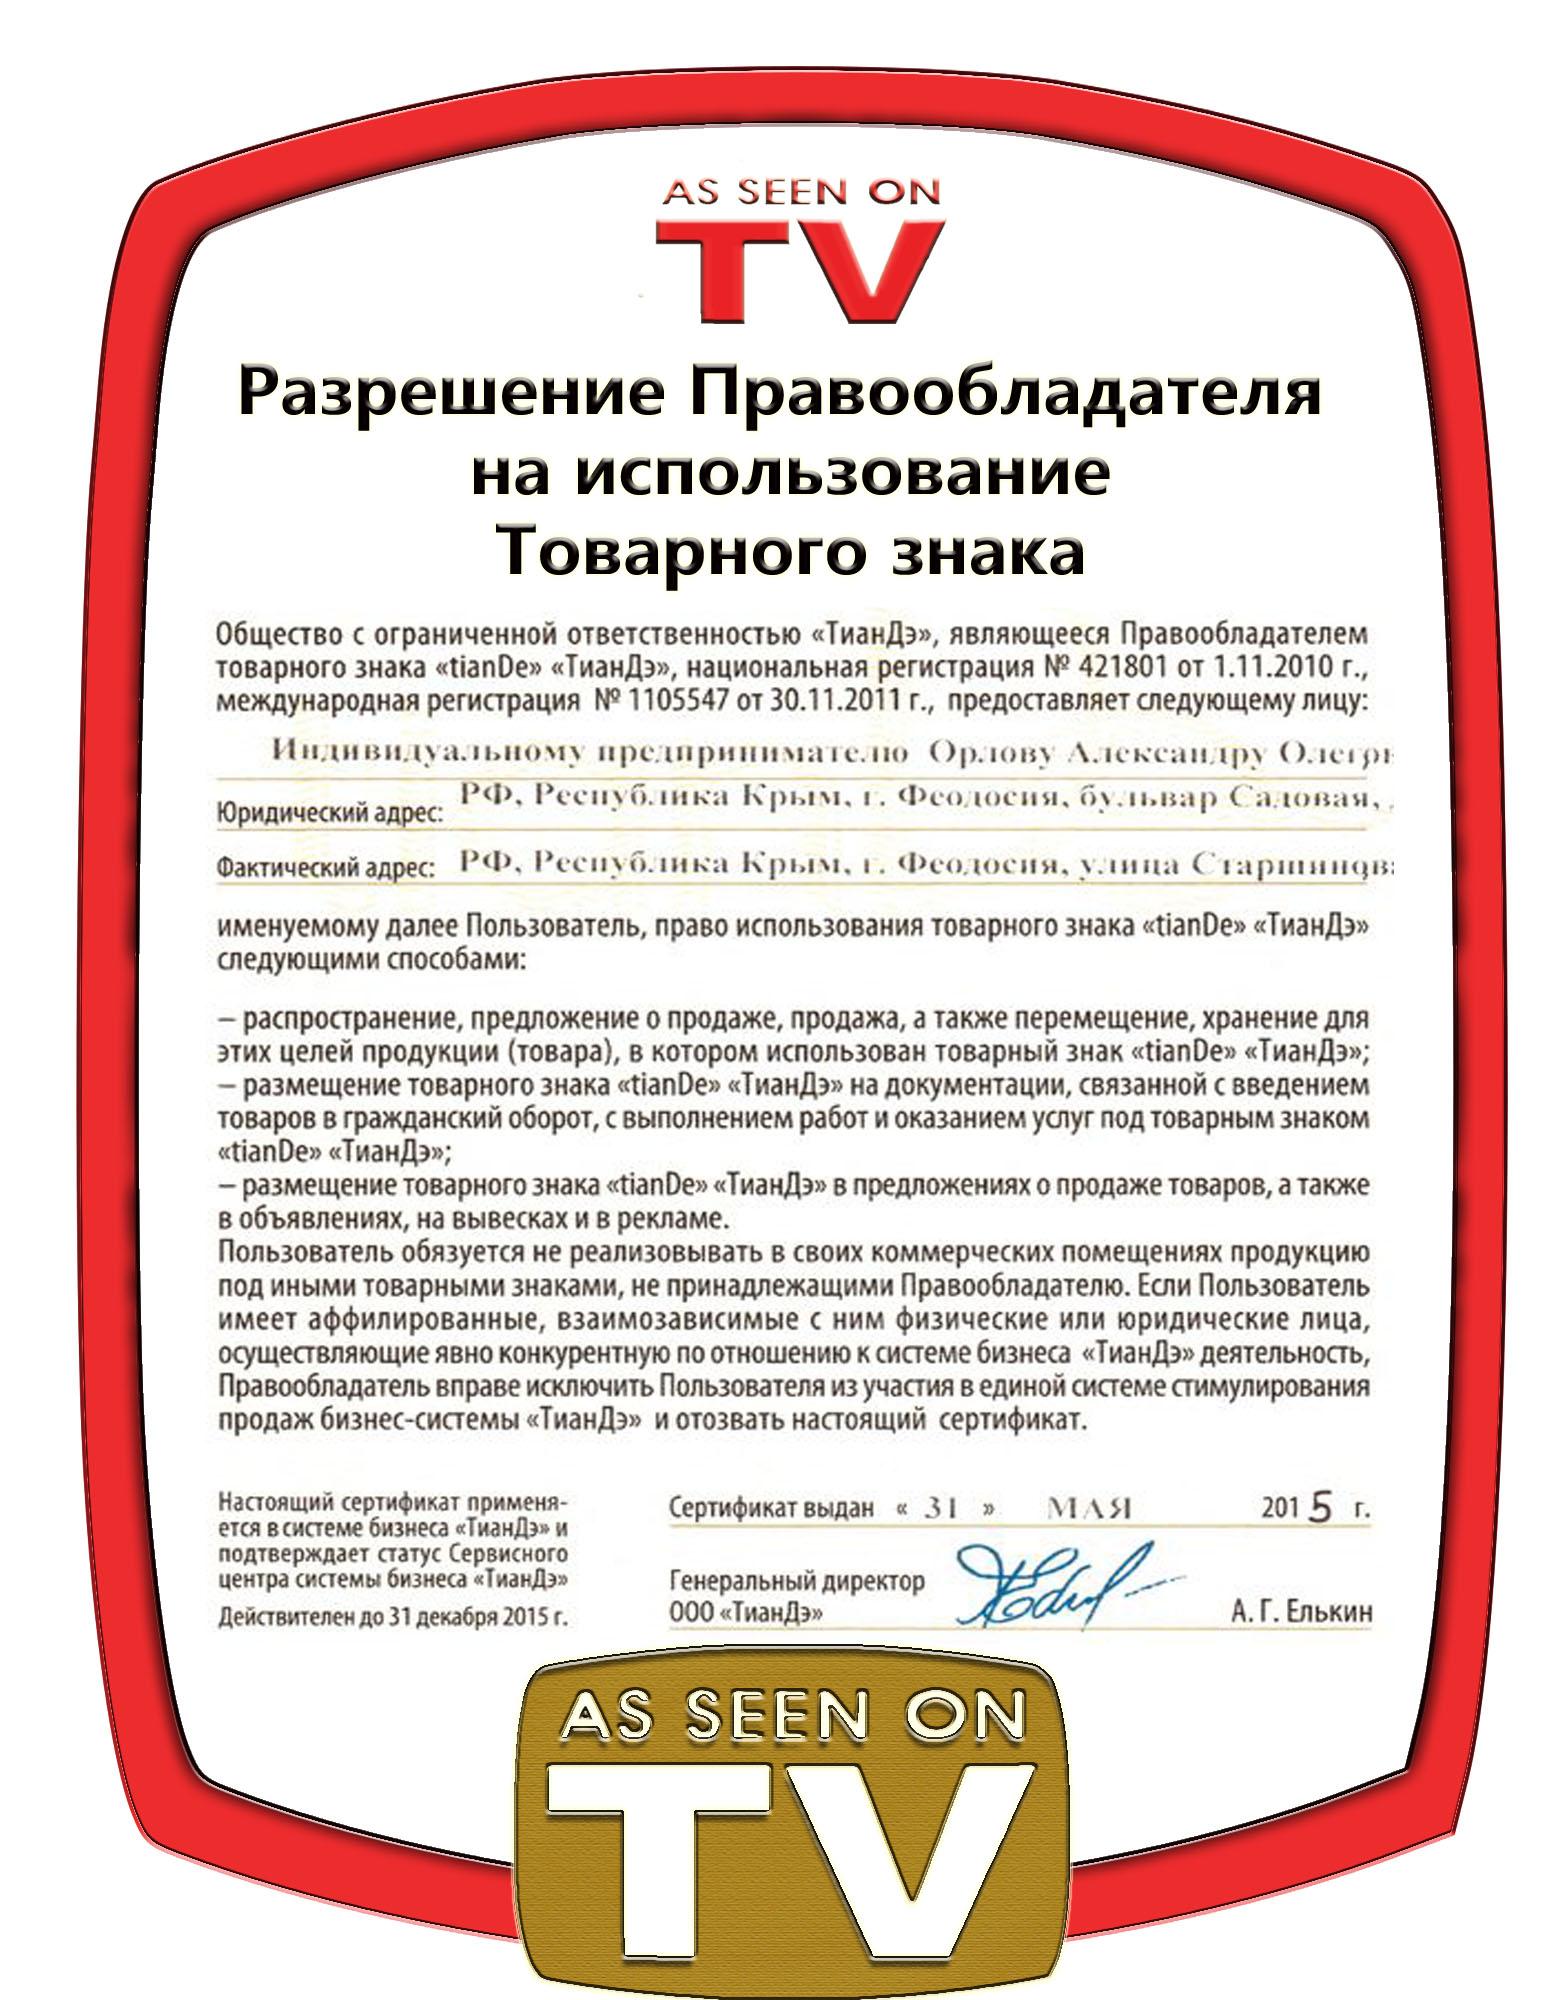 Дизайн  листовки А4 (разрешения правообладателя) фото f_87959e26465b6906.jpg